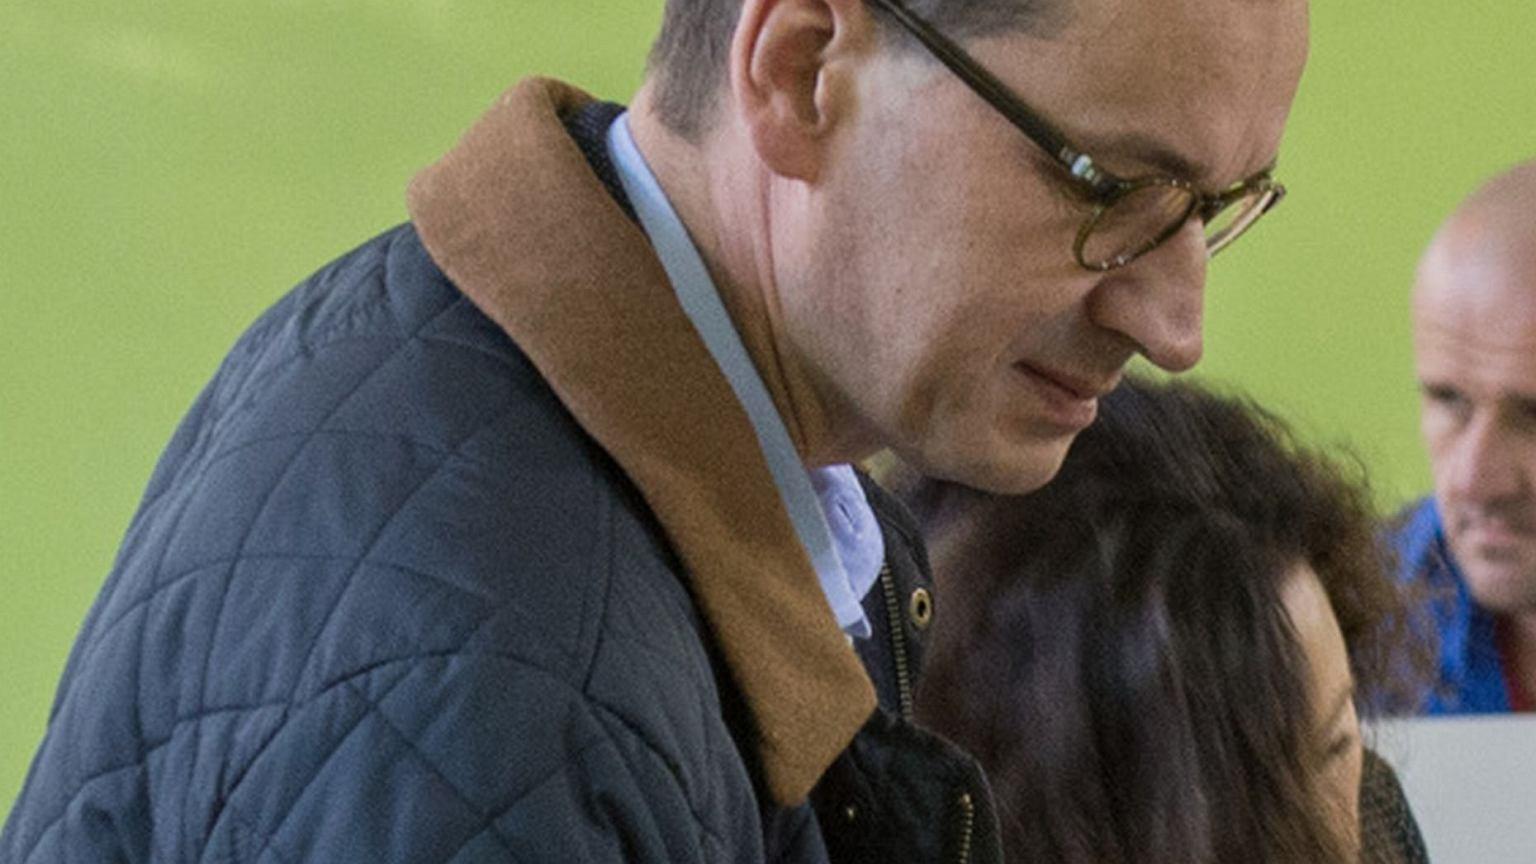 Mateusz Morawiecki rzadko pokazuje się z żoną, a teraz pojawili się razem na wyborach. Tak wyglądają mało znane partnerki naszych polityków